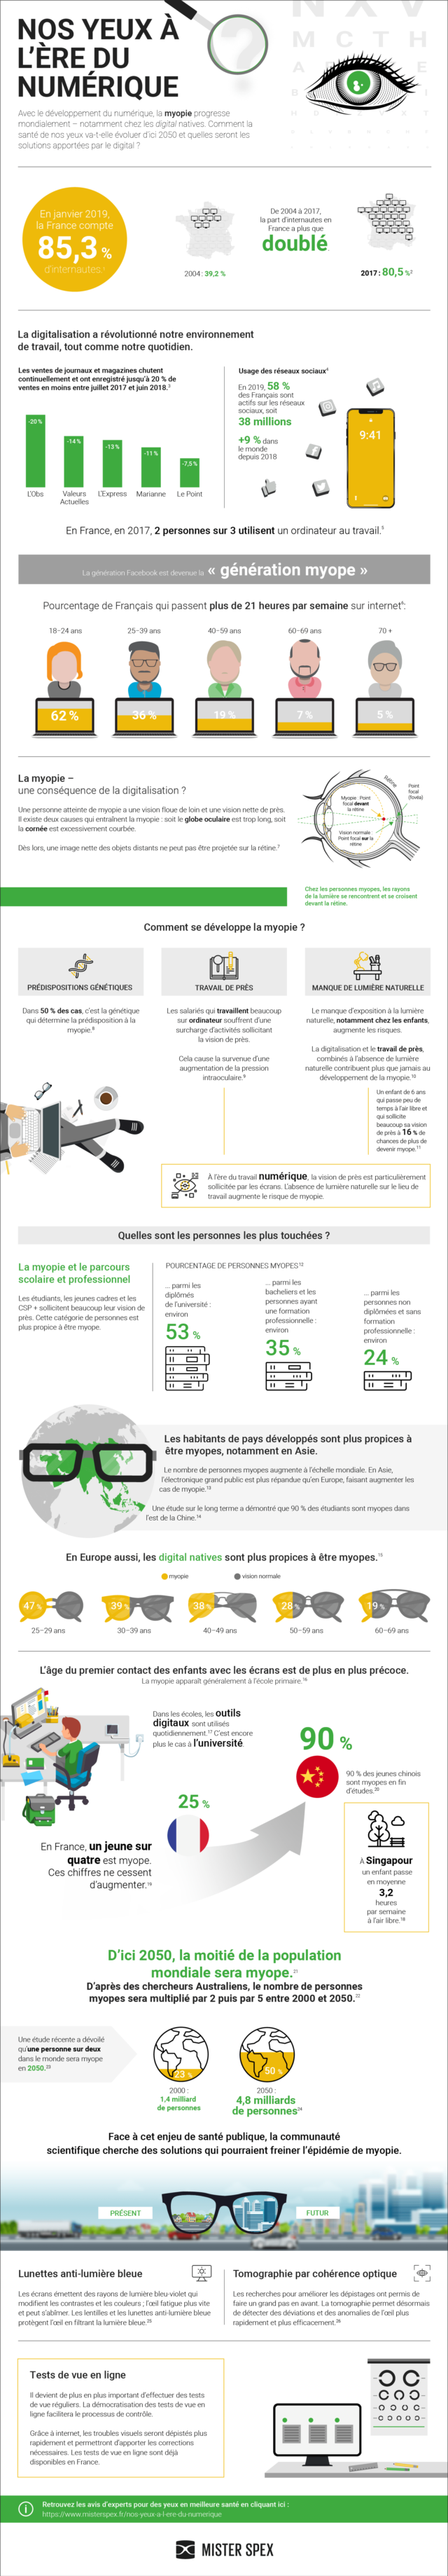 Infographie : Nos yeux à l'ère du numérique